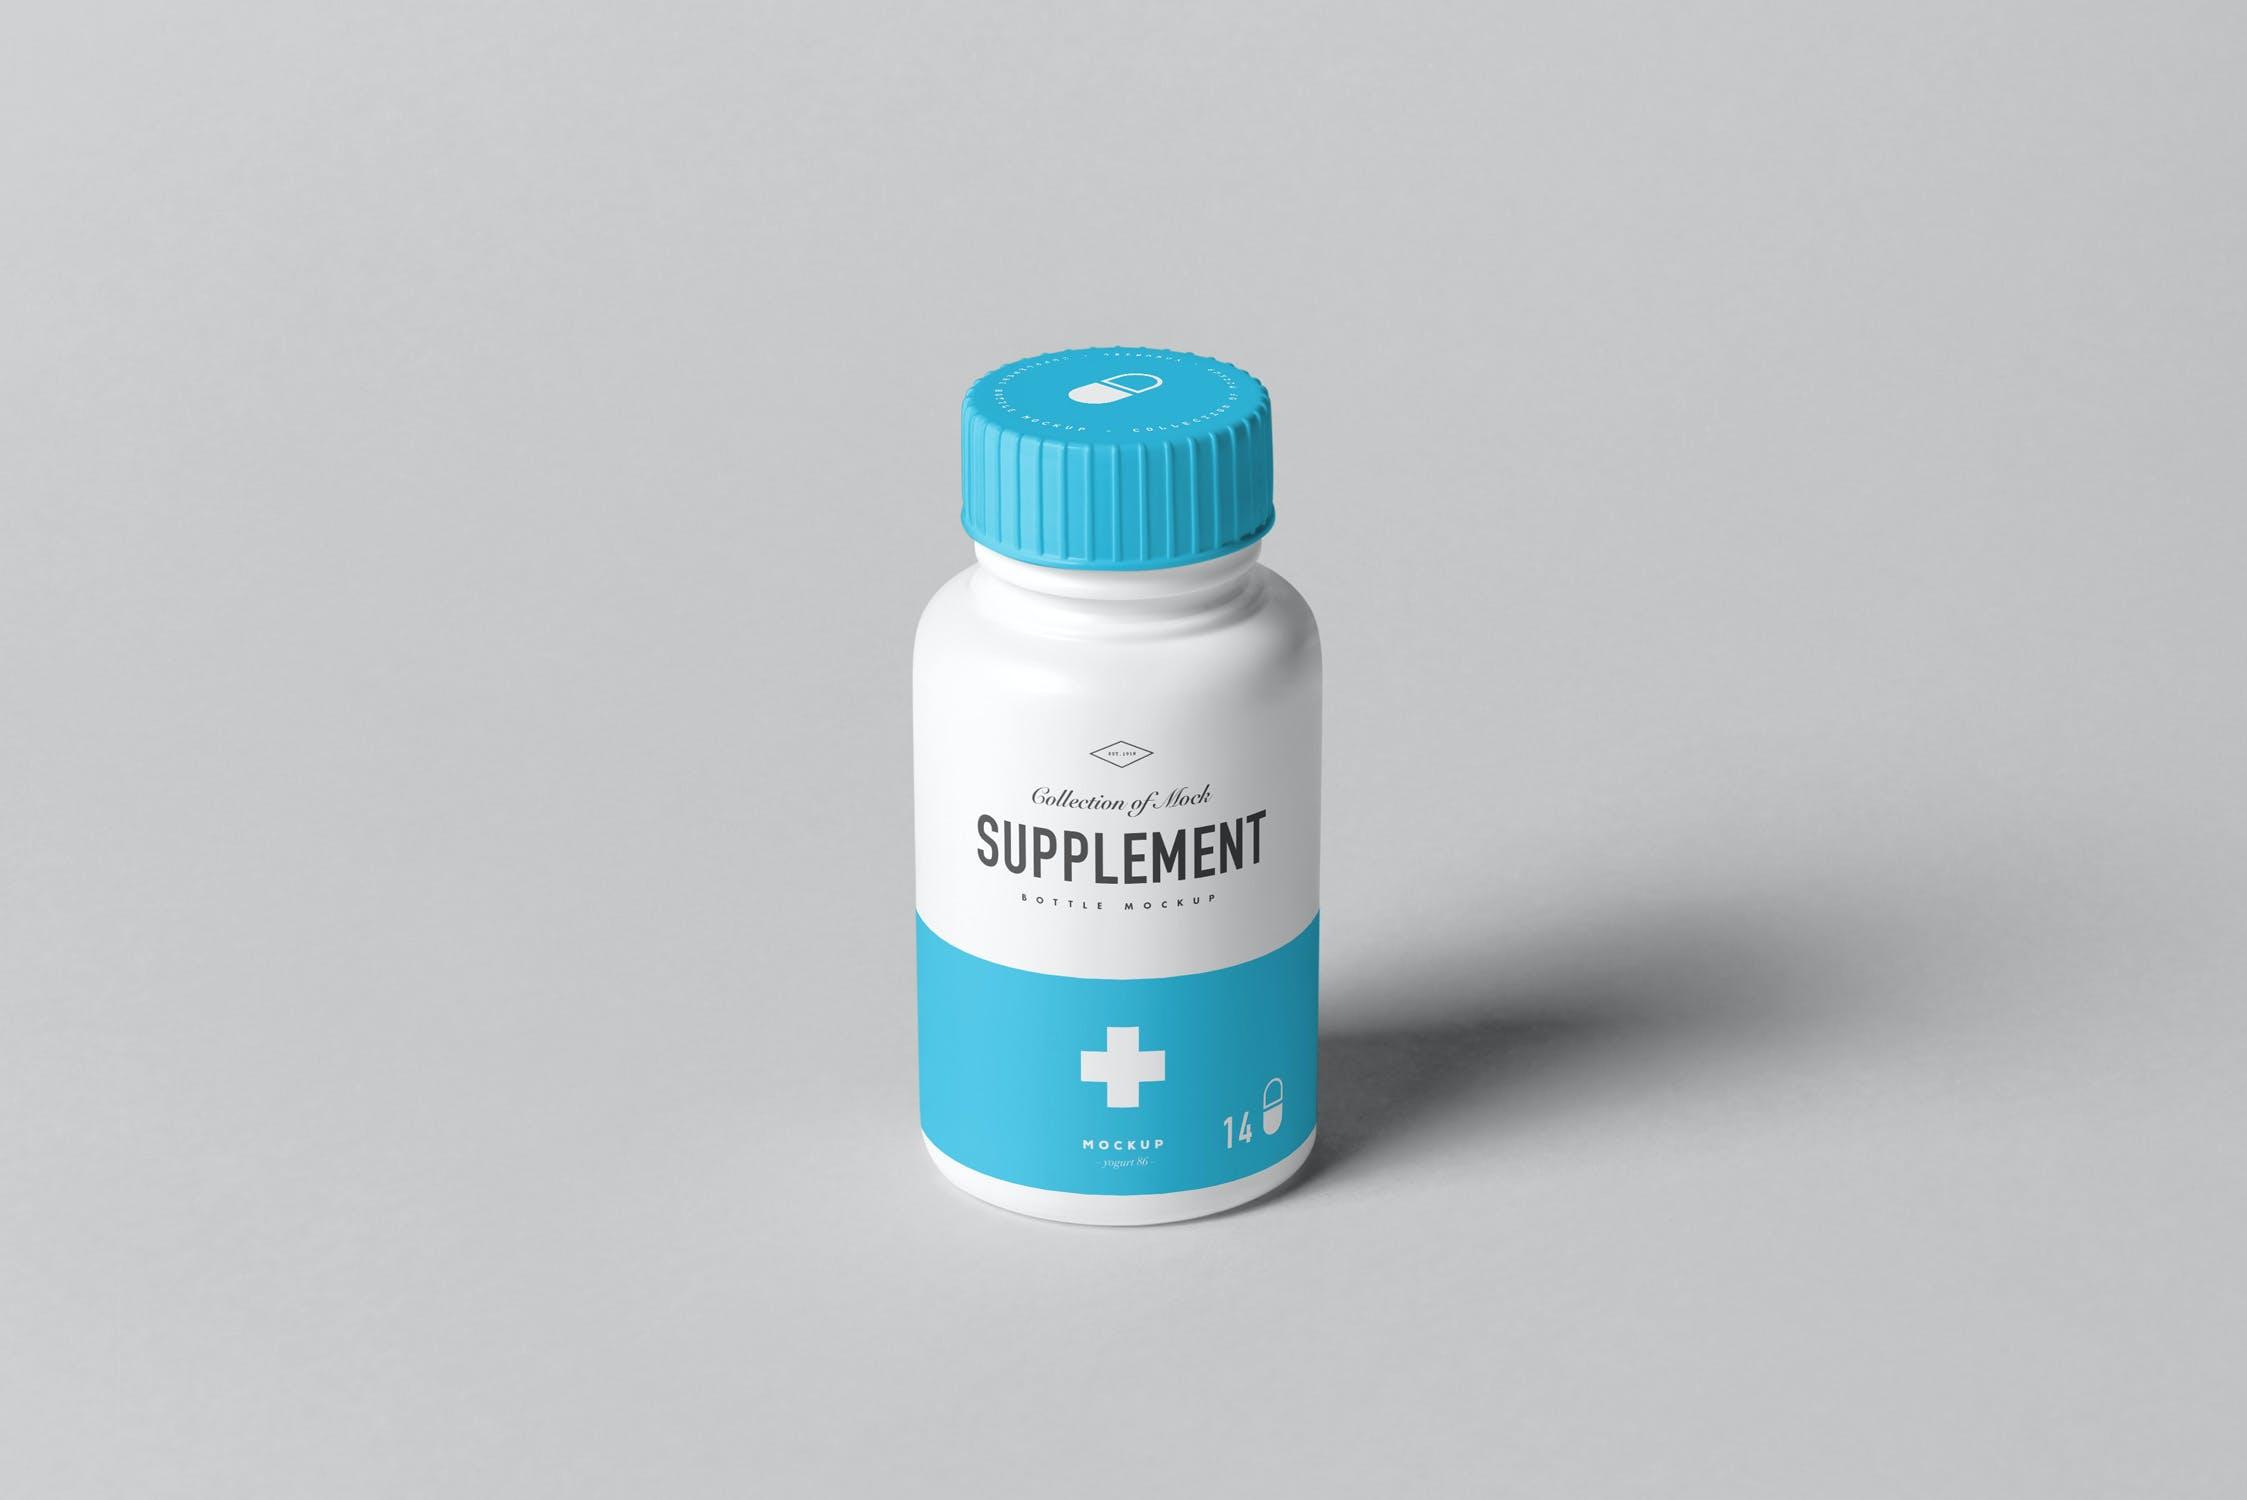 9款药物补充塑料瓶包装盒设计展示样机模板 Supplement Jar & Box Mockup 9插图(2)